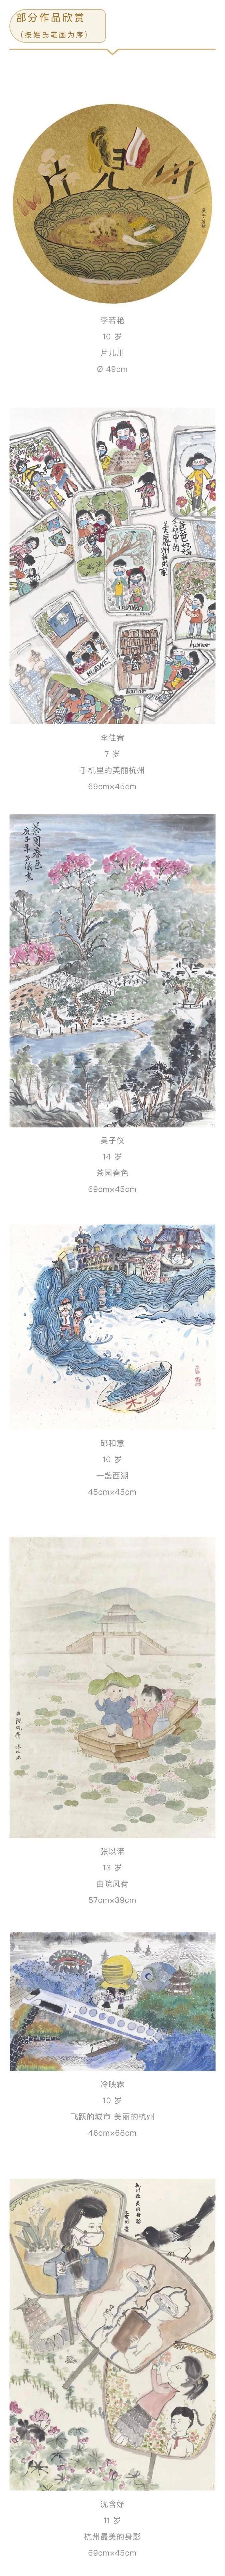 """"""" 美丽杭州我的家 """" 第四届杭州市少年儿童中国画展来啦!"""